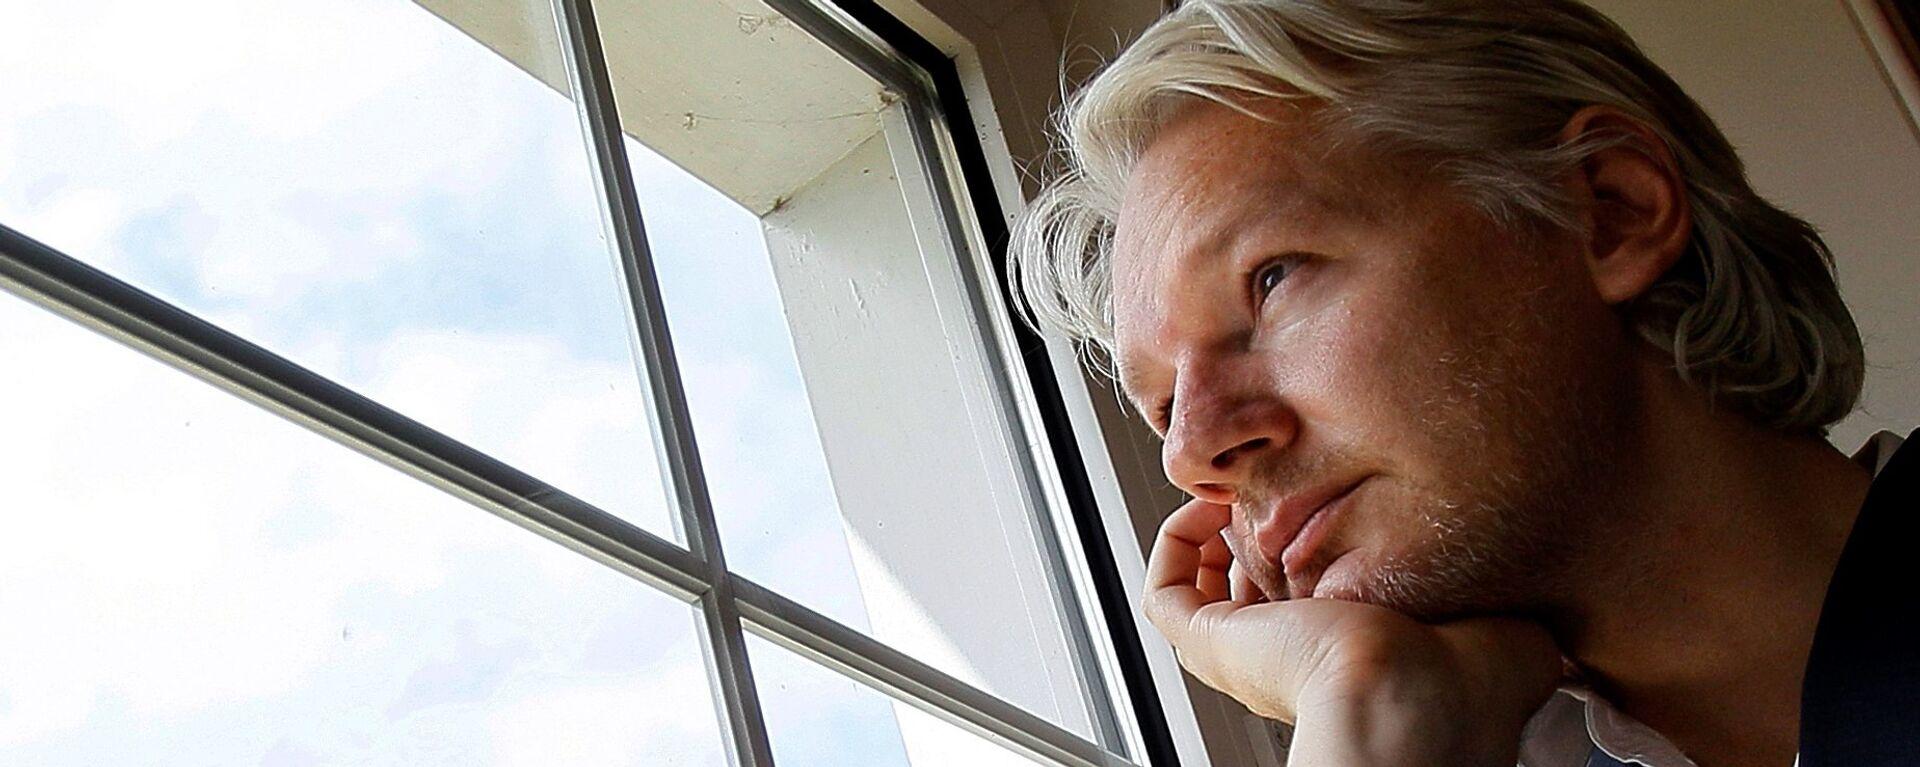 Julian Assange, fundador de WikiLeaks  - Sputnik Mundo, 1920, 21.07.2021